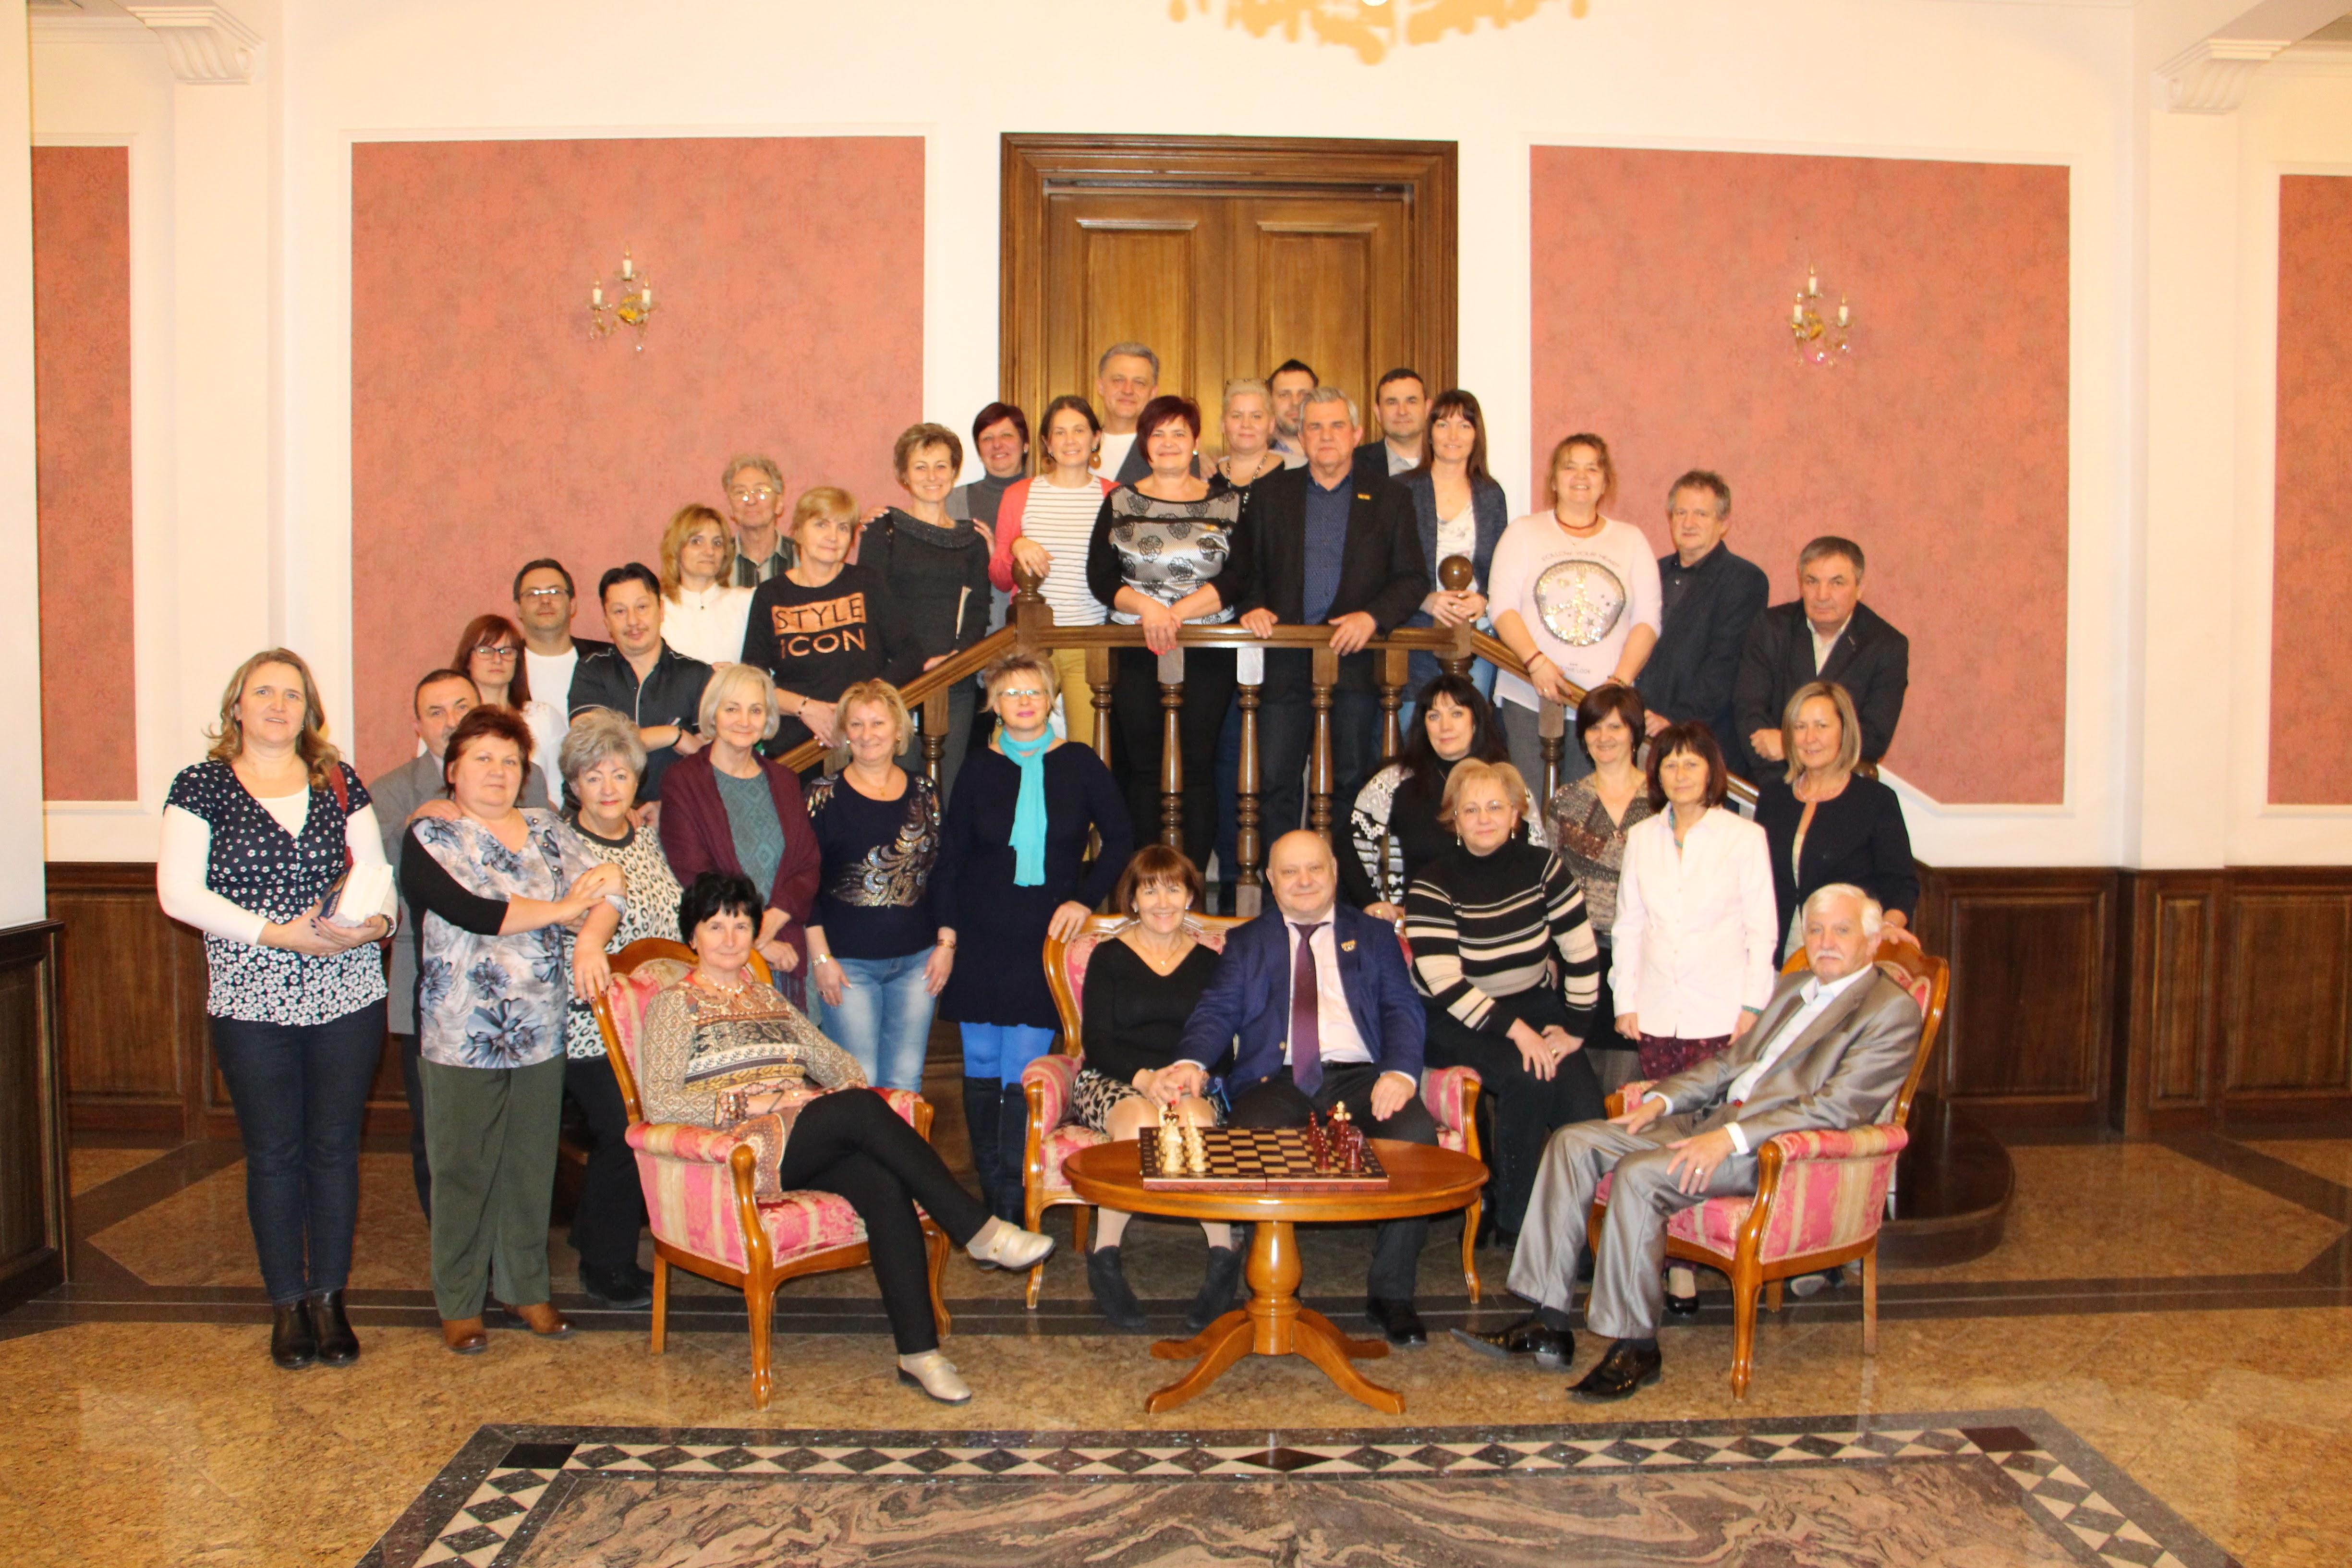 Egy szuper csoportkép a kastély egyik csodás szalonjában. Már ezért az előkelő hangulatért is megéri...